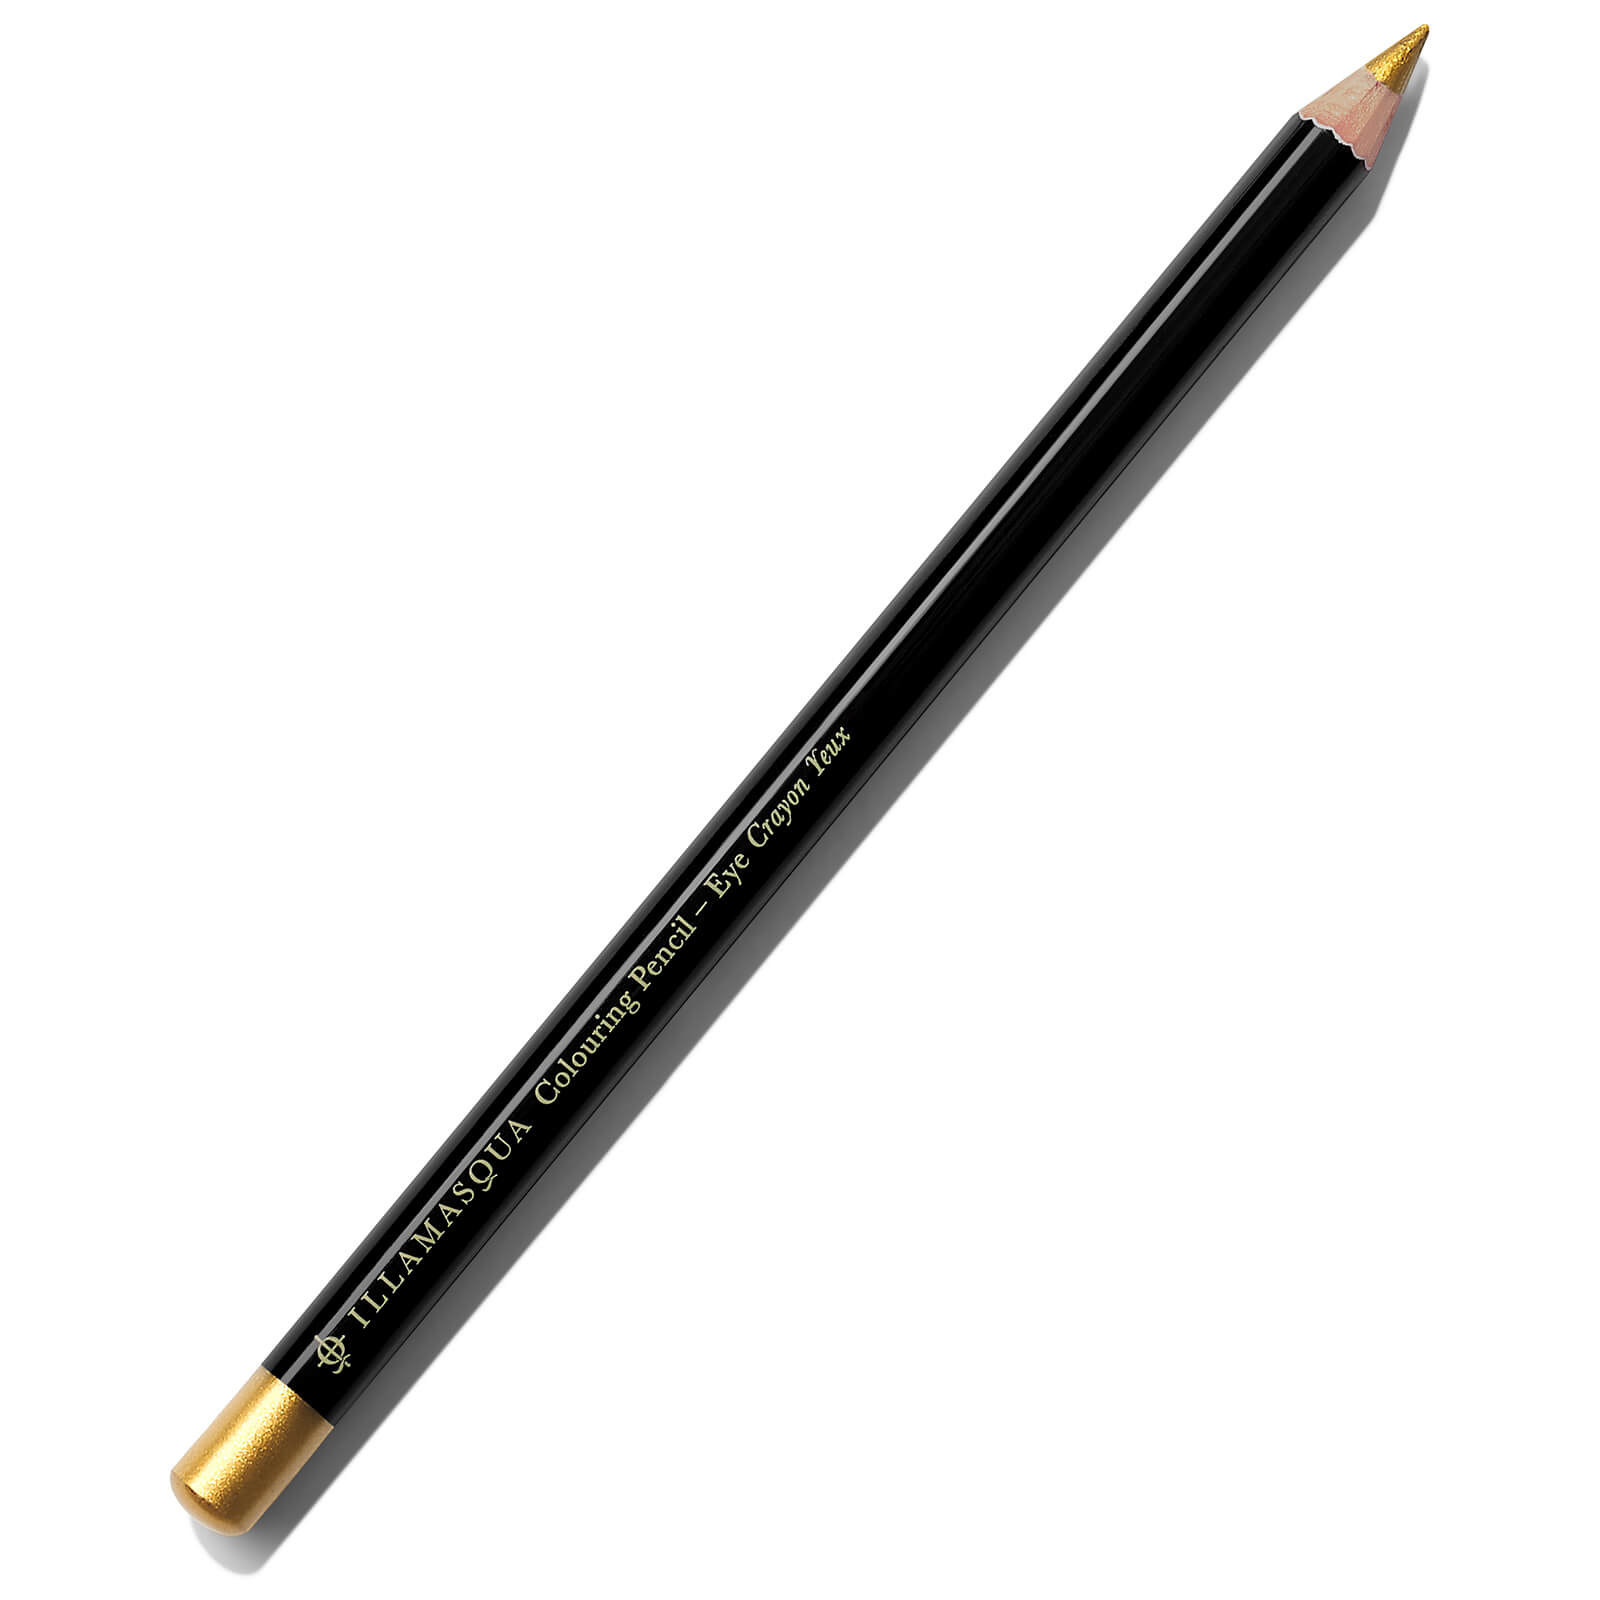 Купить Карандаш для глаз Illamasqua Colouring Eye Pencil 1, 4 г (различные оттенки) - Aura